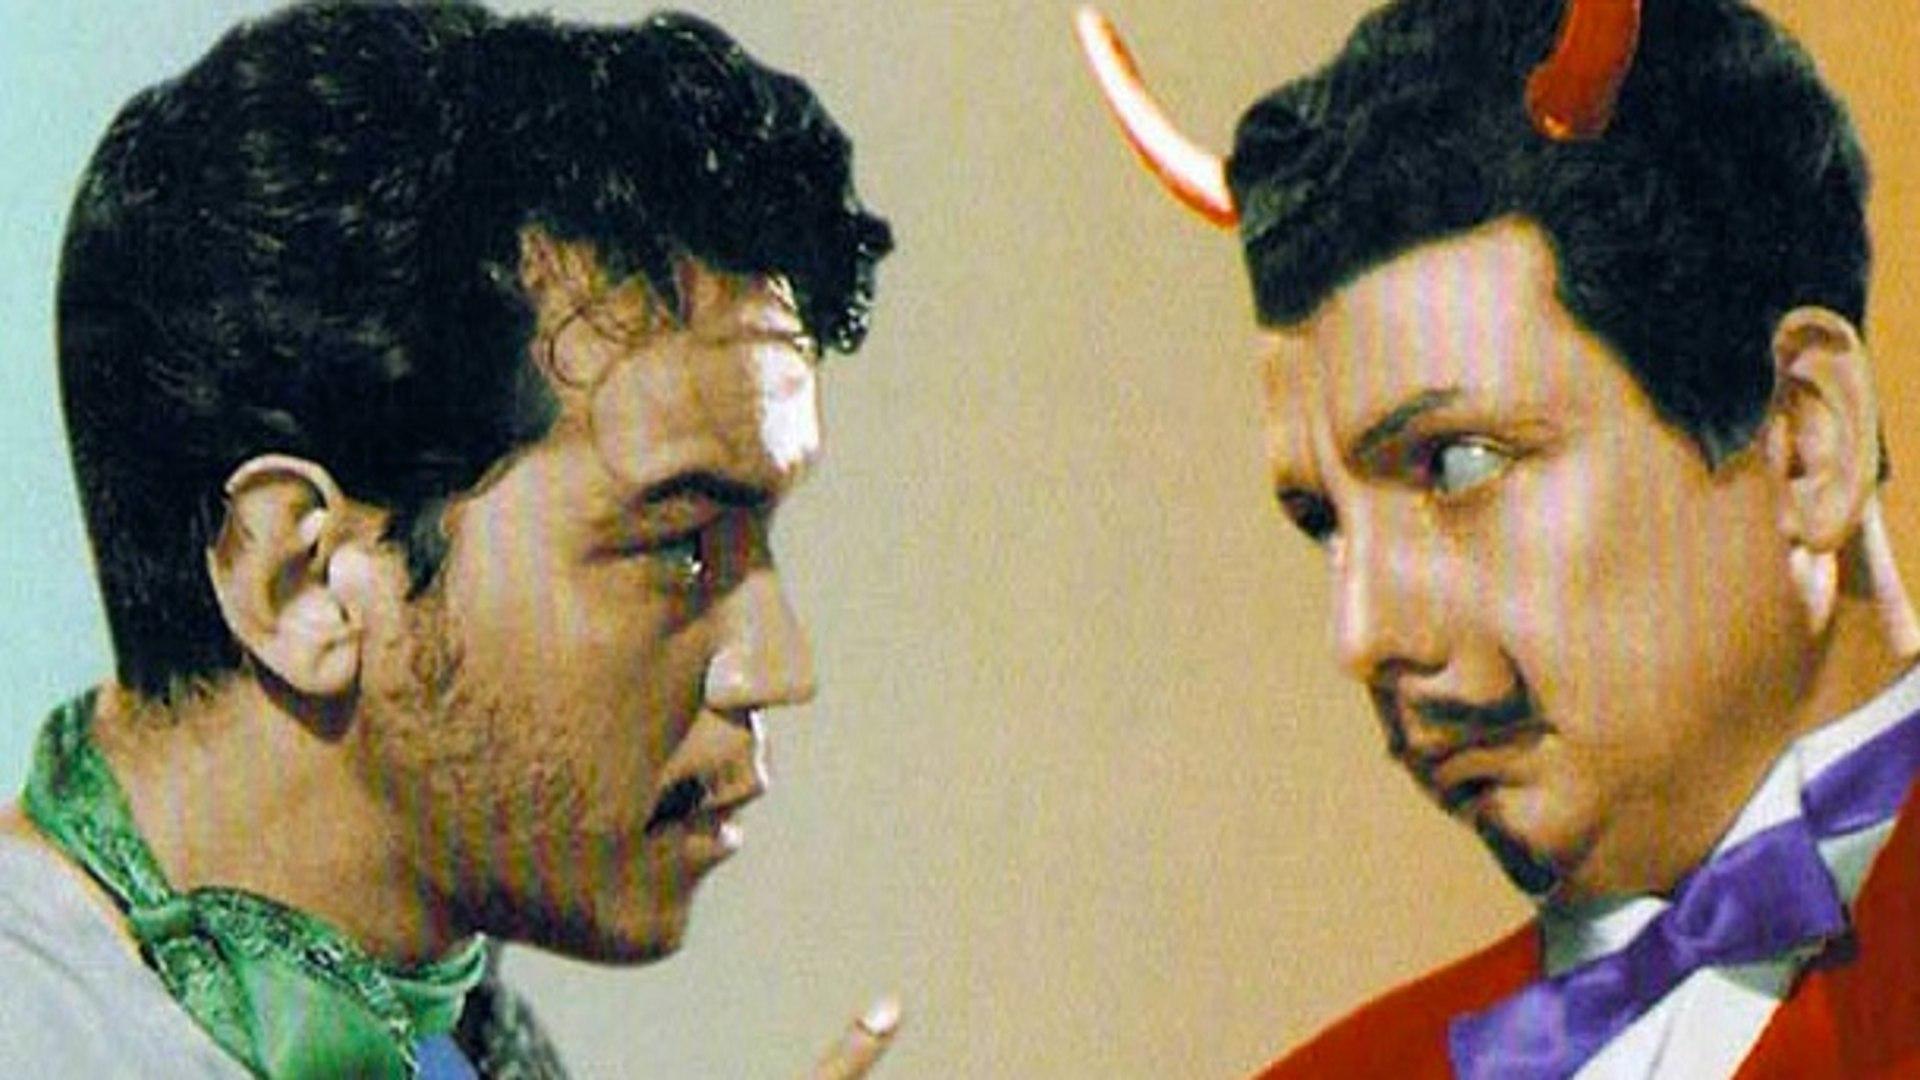 Alta Infidelidad Pelicula Completa un día con el diablo ( 1945 ) cantinflas, andrés soler, miguel arenas.  pelicula completa